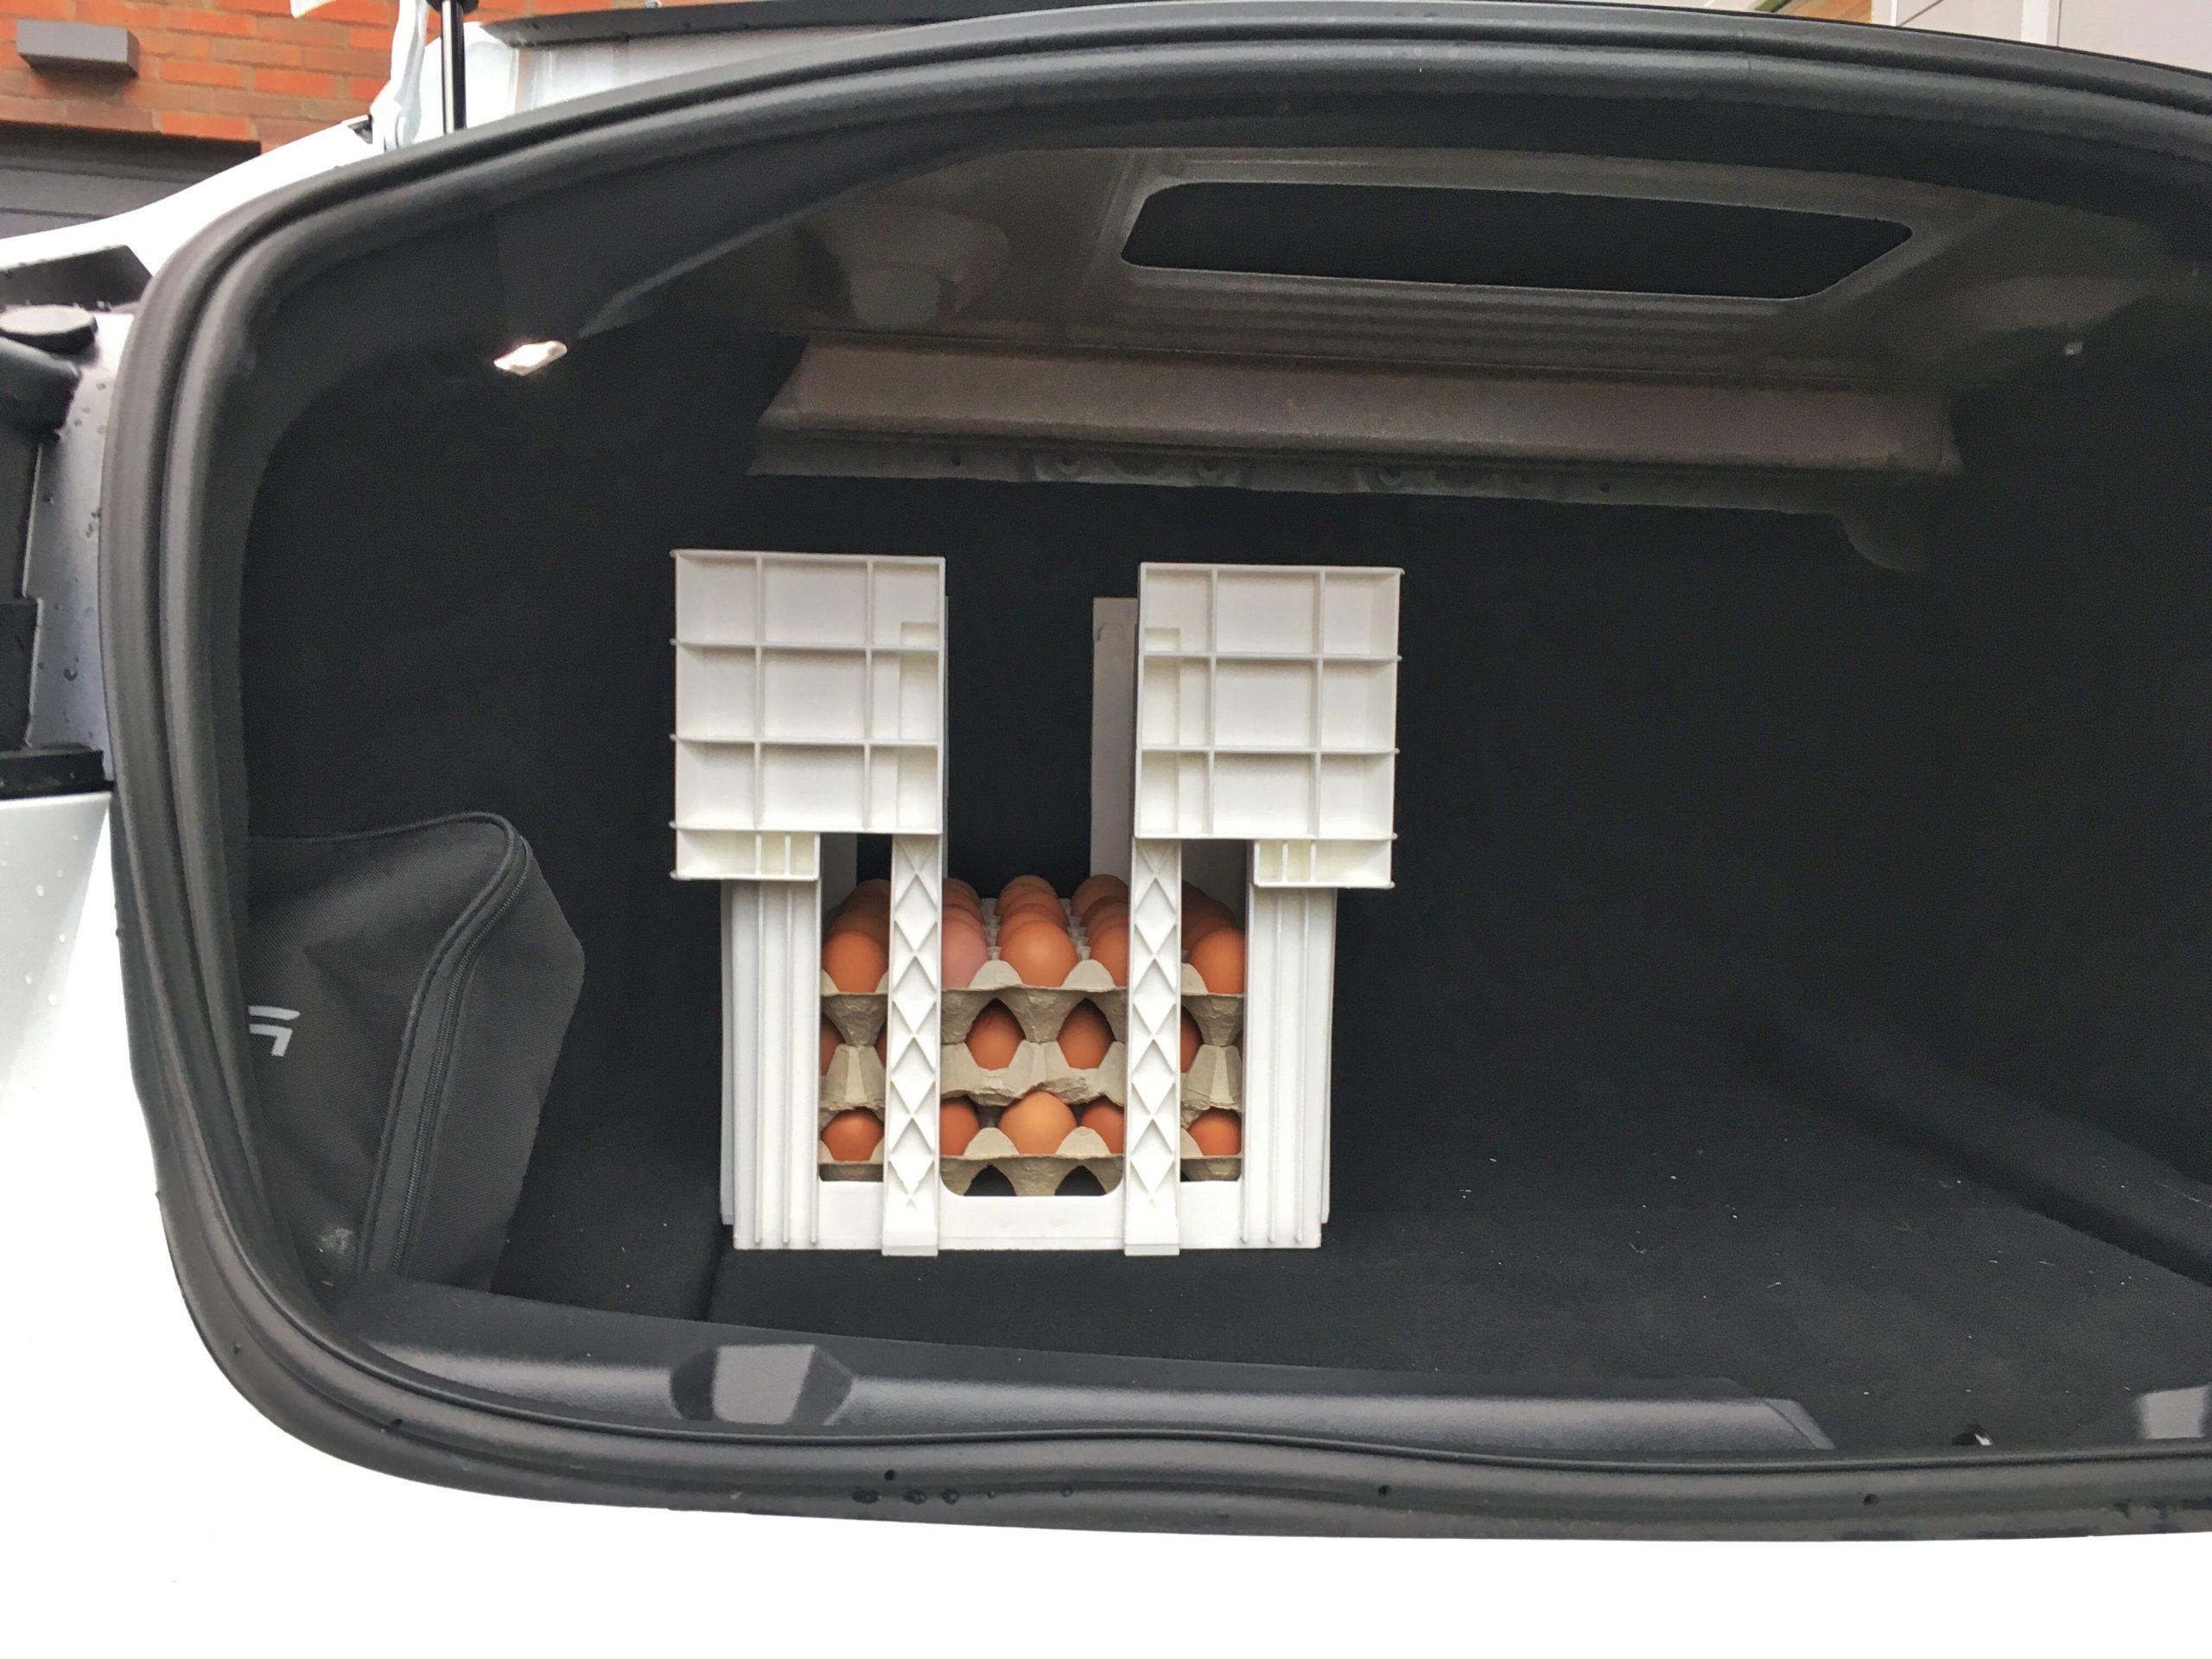 Det får plats minst fyra sådana här äggbackar i bagaget i en Tesla Model 3